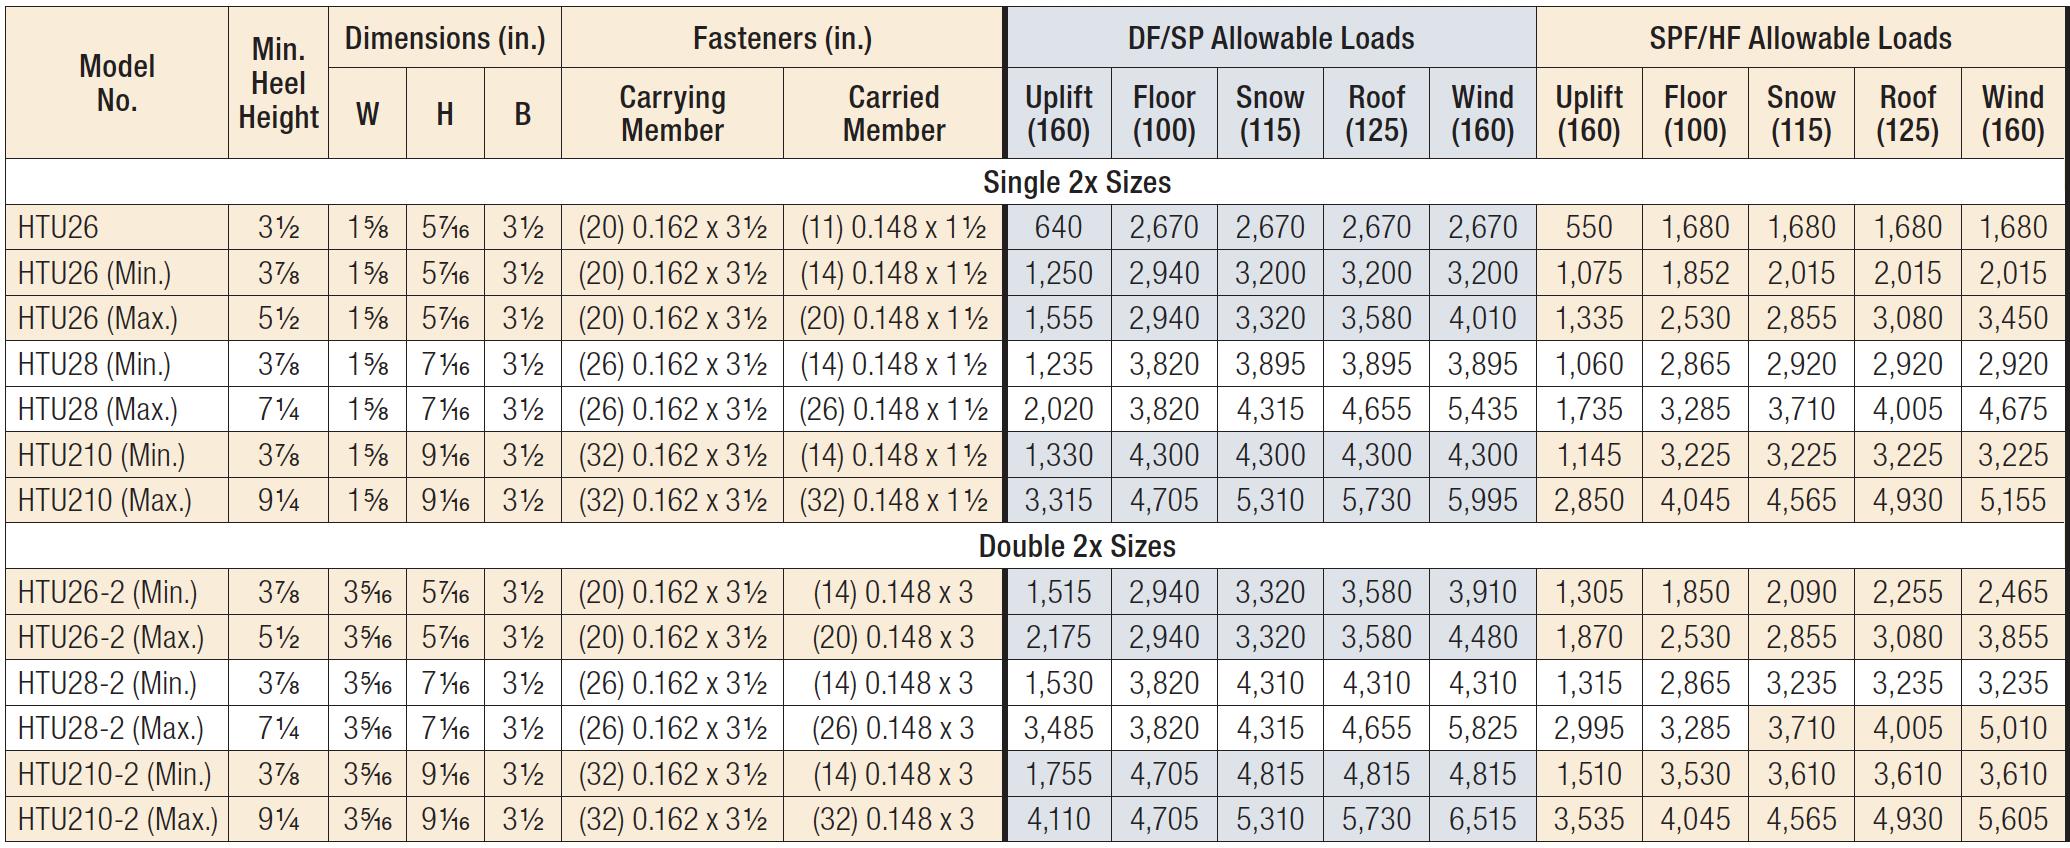 HTU Standard Allowable Loads